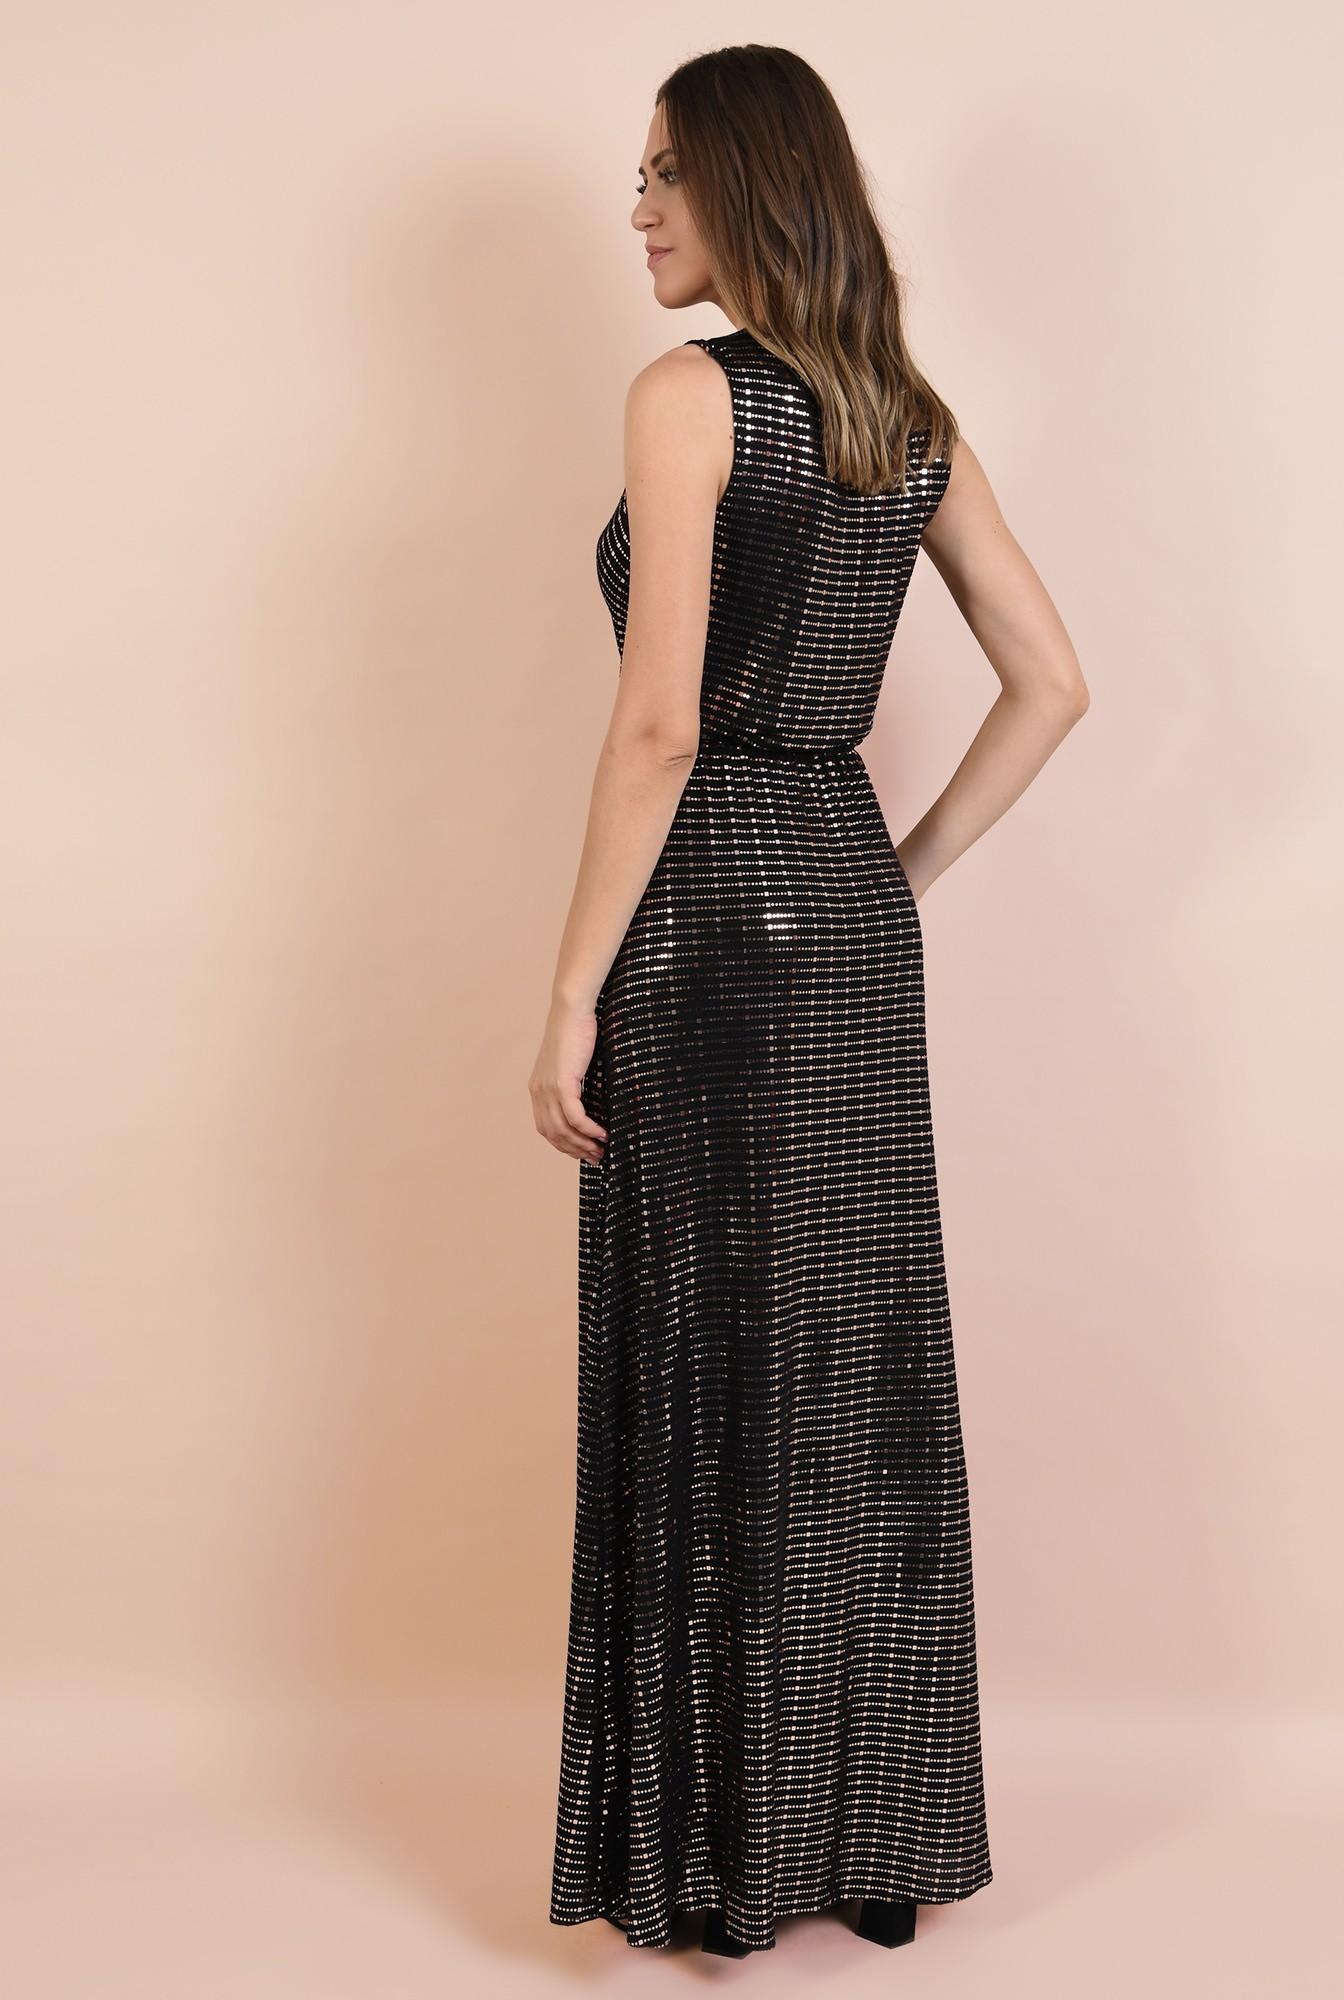 1 - 360 - rochie de seara, lunga, din lurex cu detalii aurii, anchior, croi petrecut, Poema